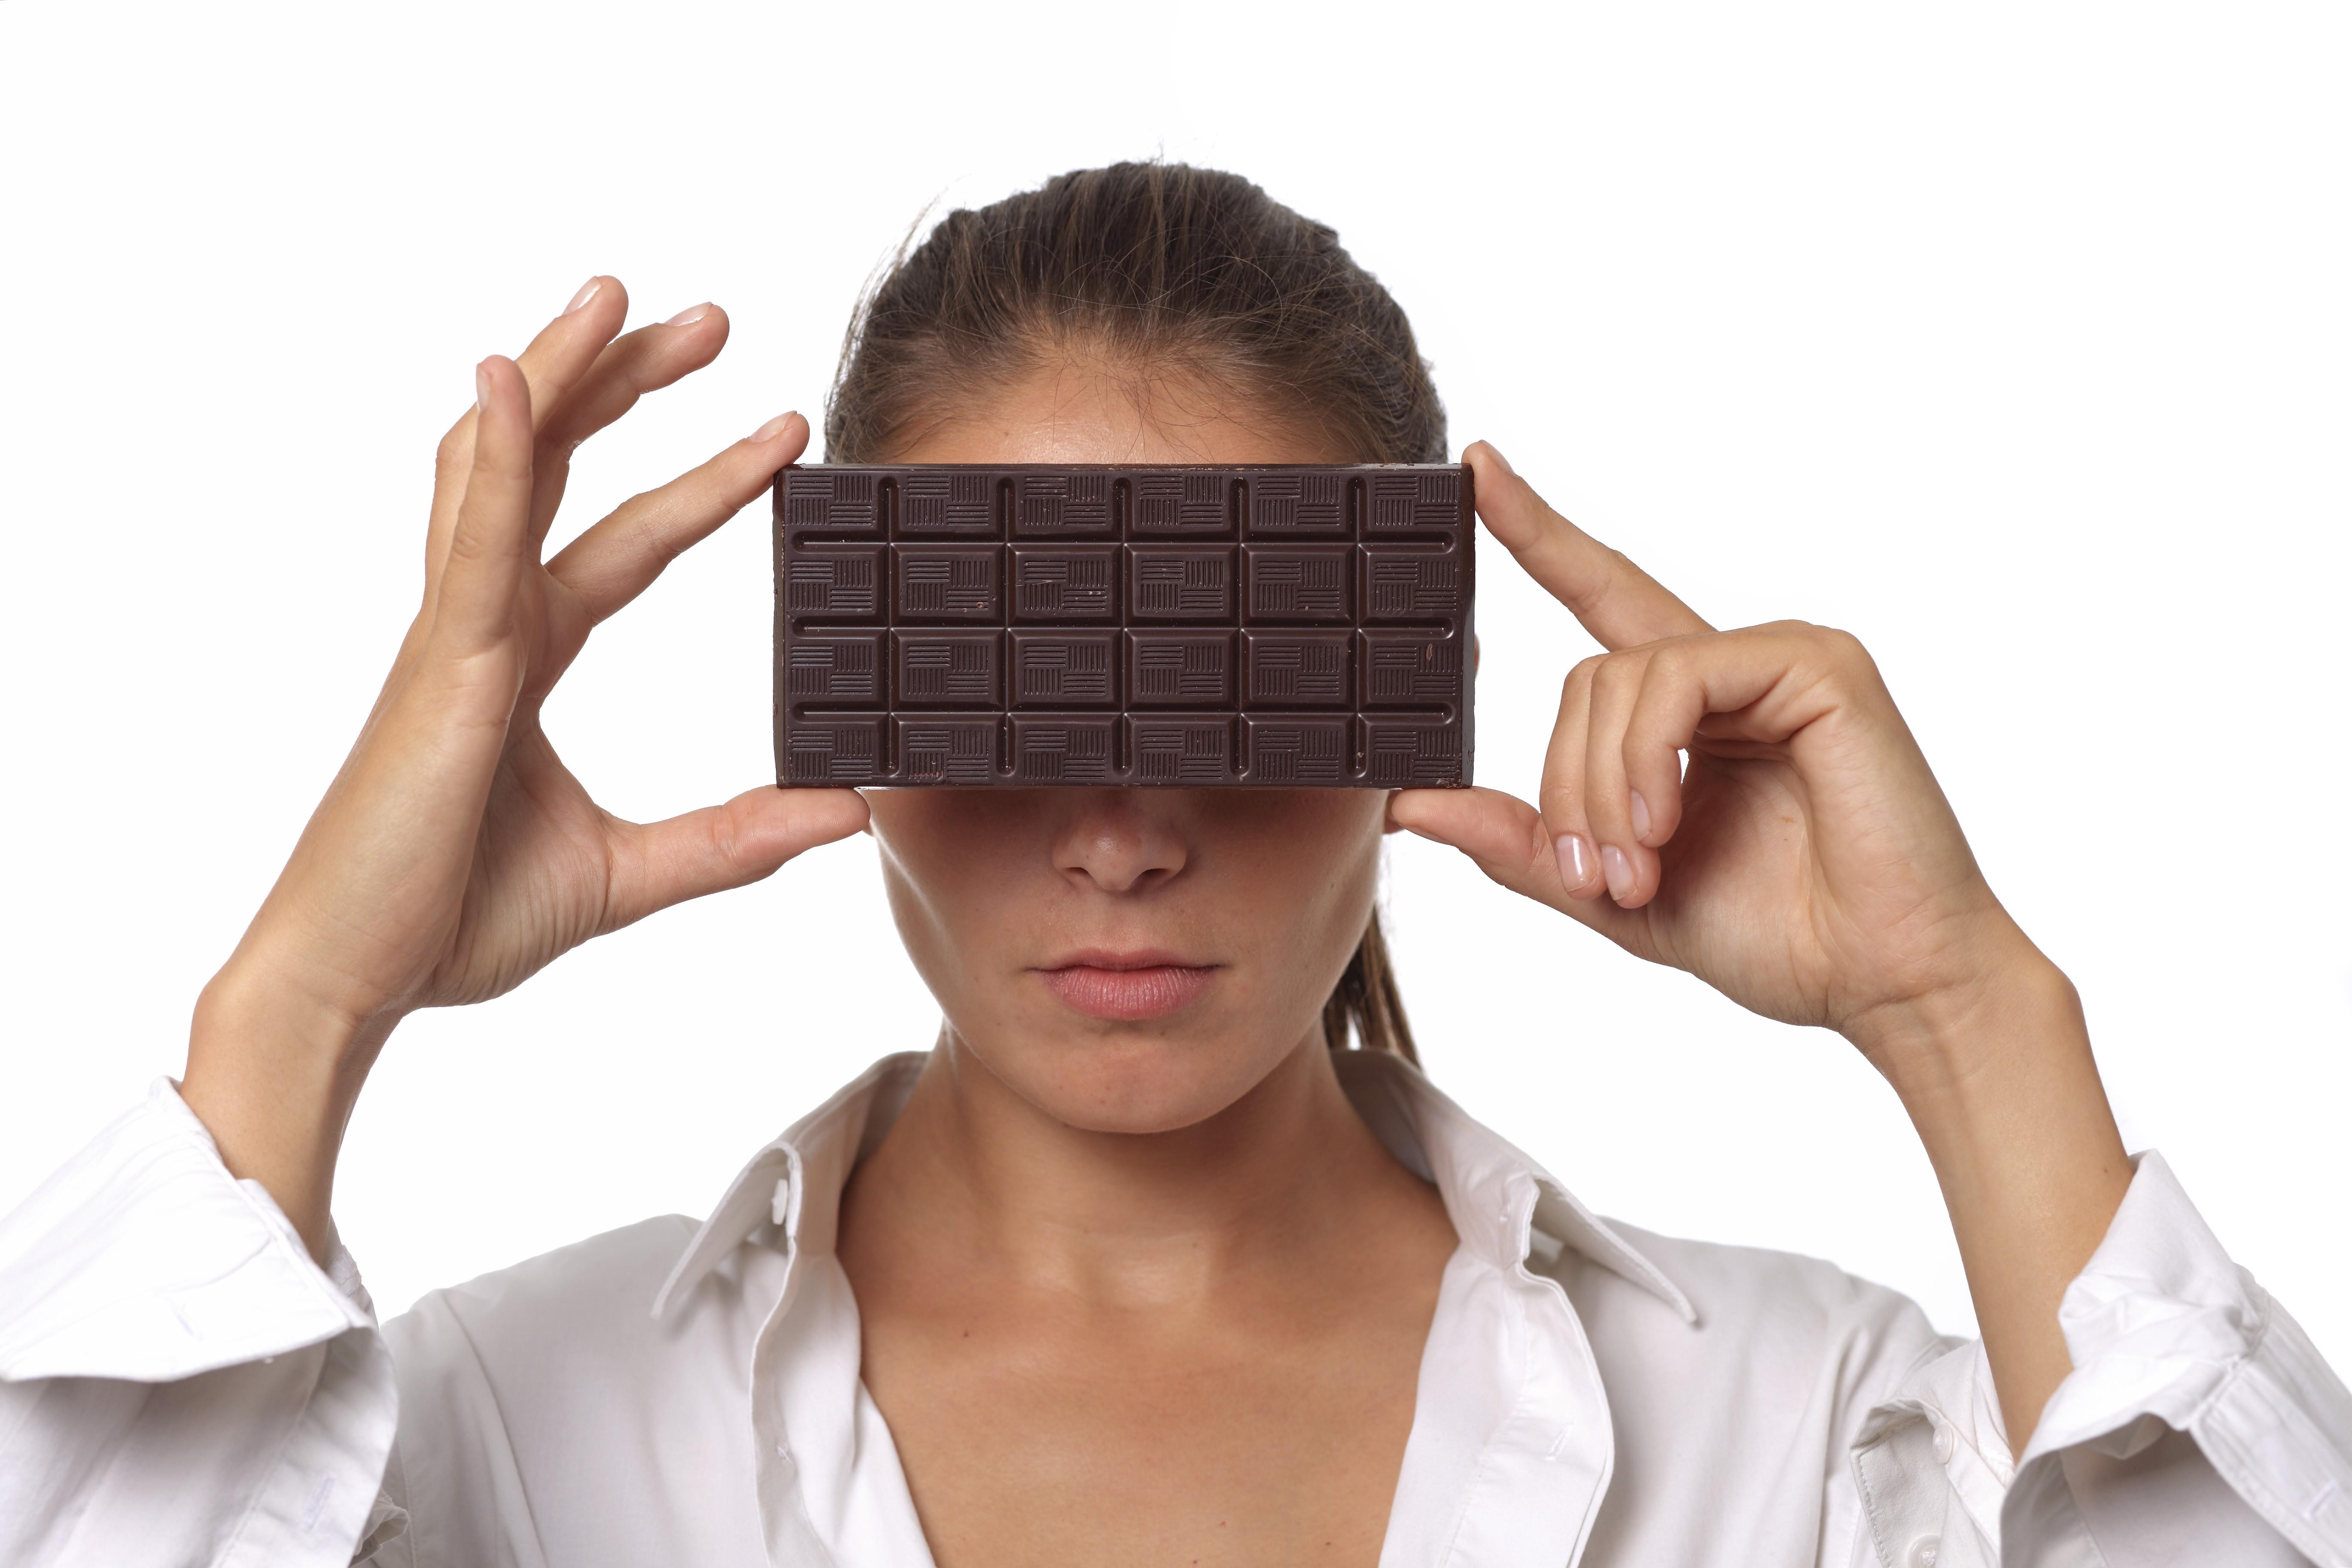 hogyan lehet megállítani a látásvesztést